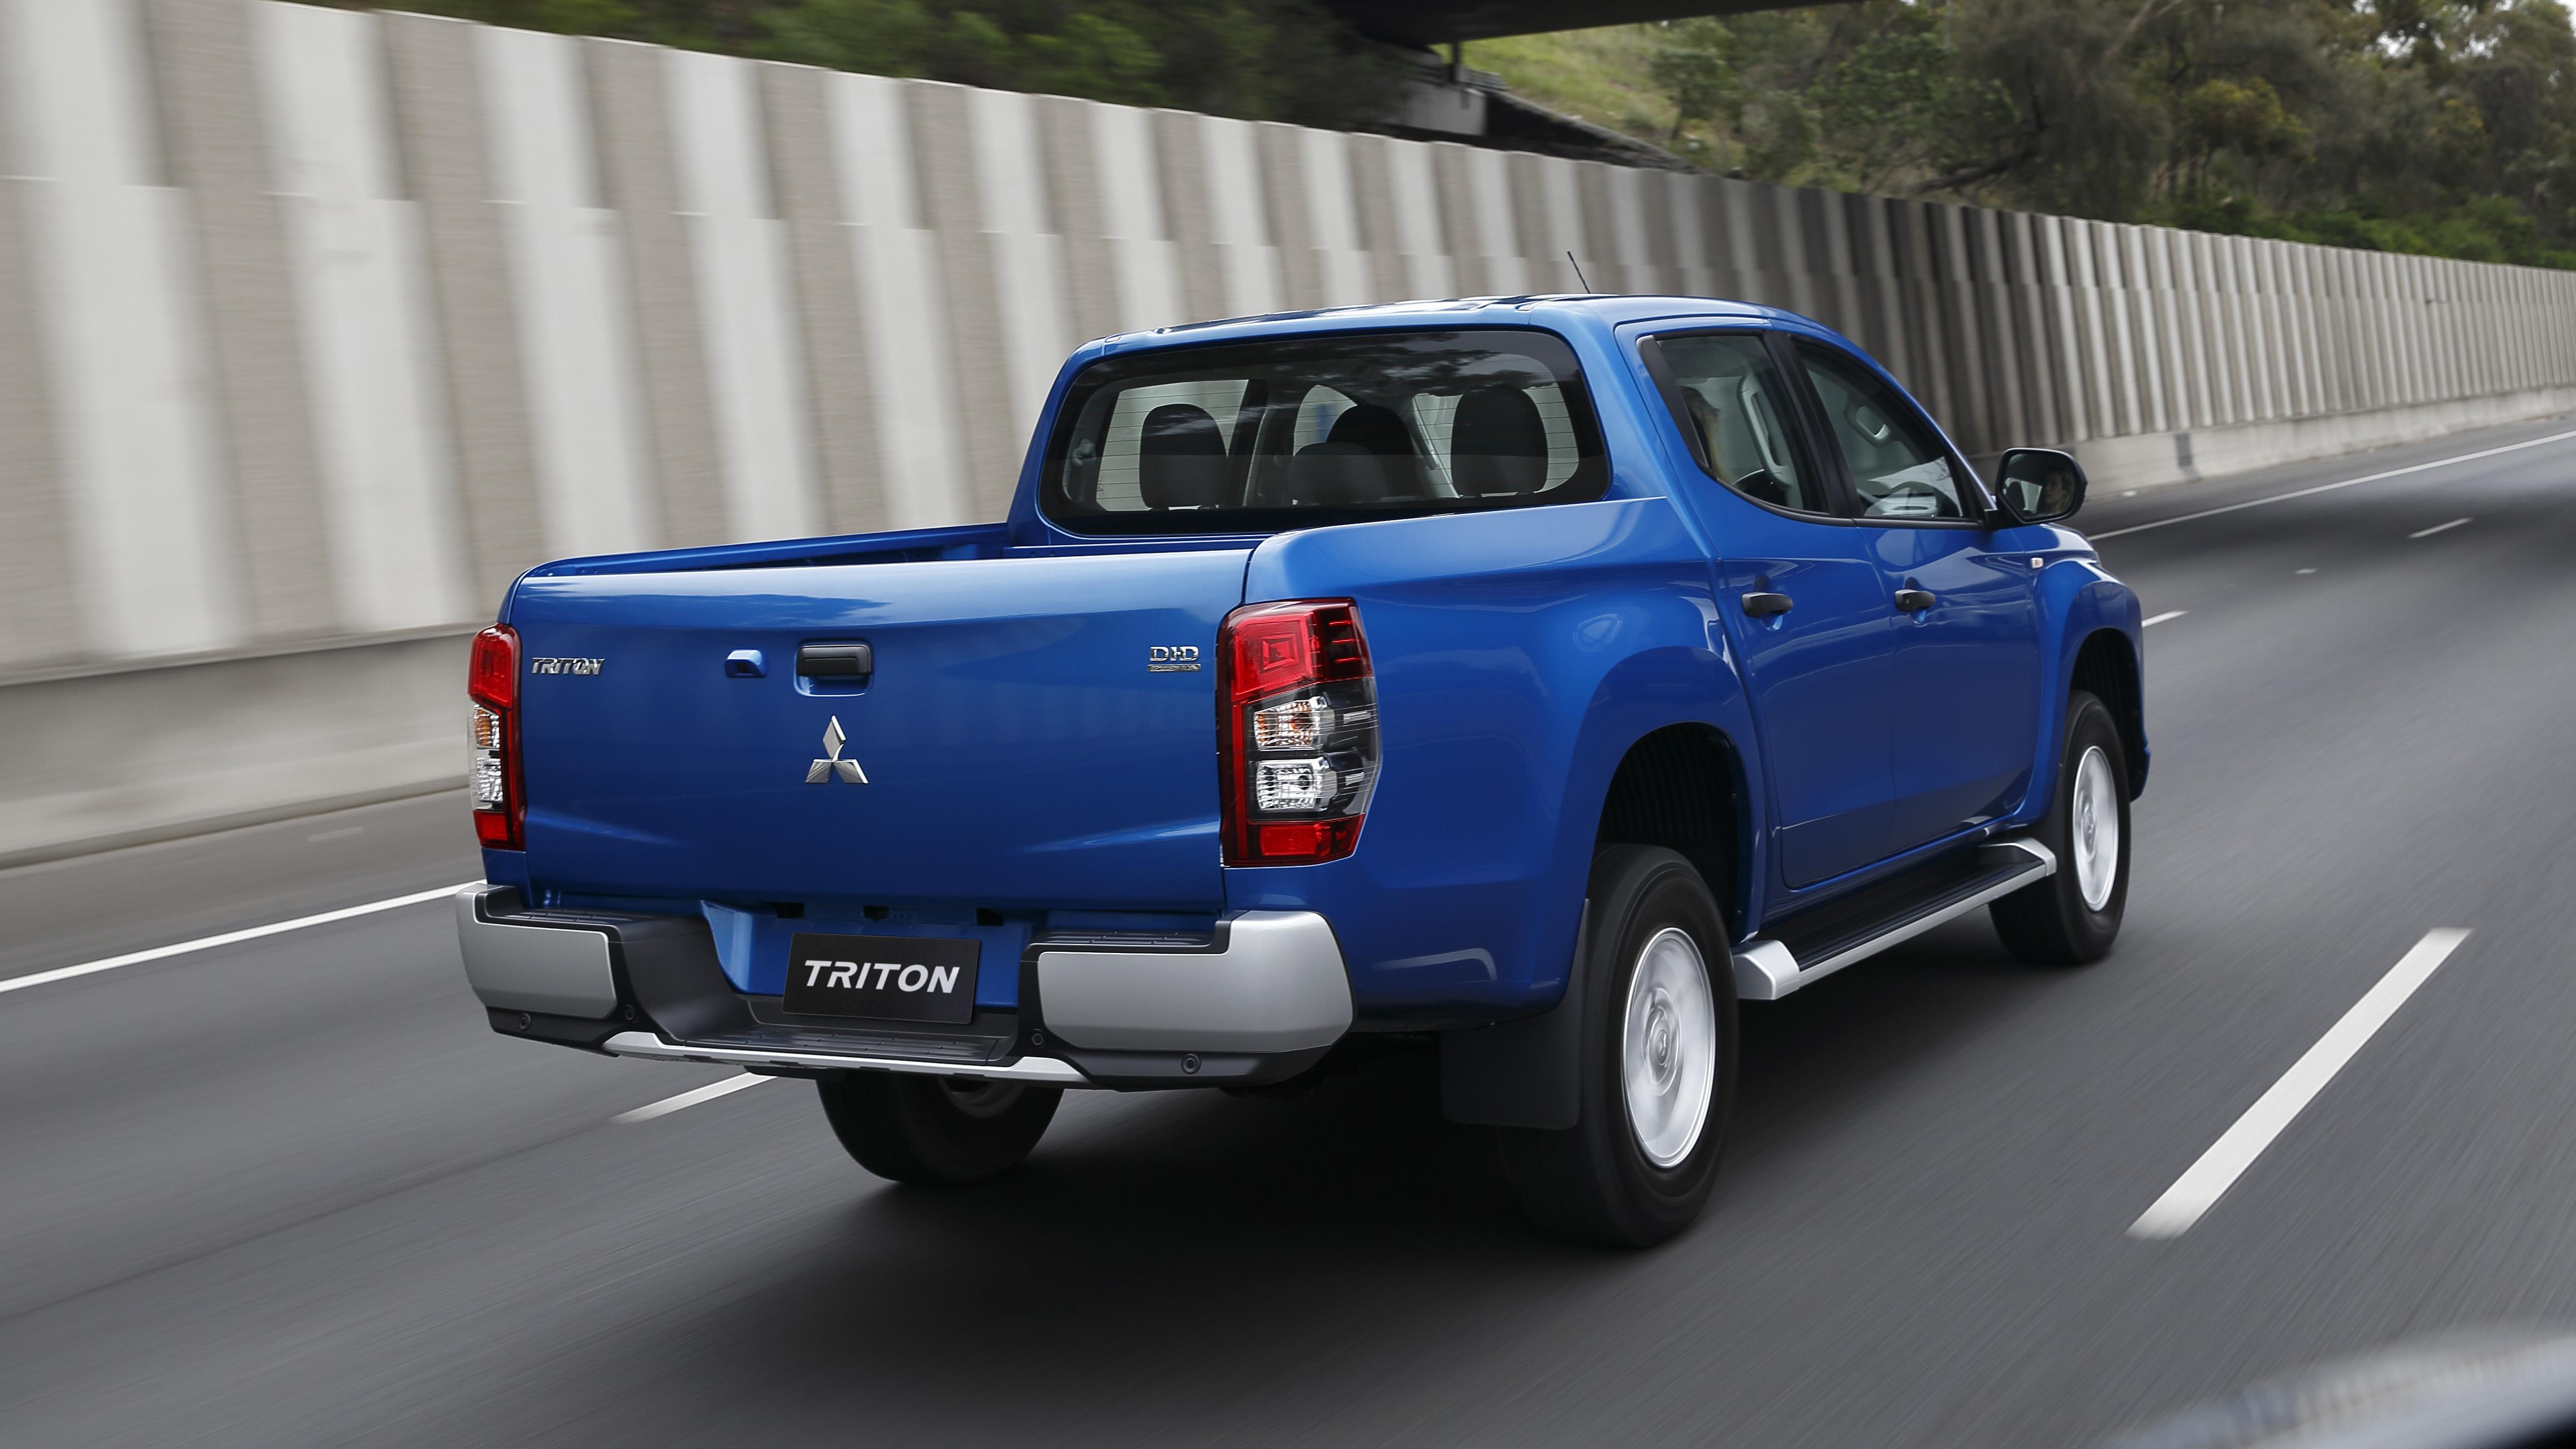 2019 Mitsubishi Triton review: GLX+ and GLS Premium | CarAdvice